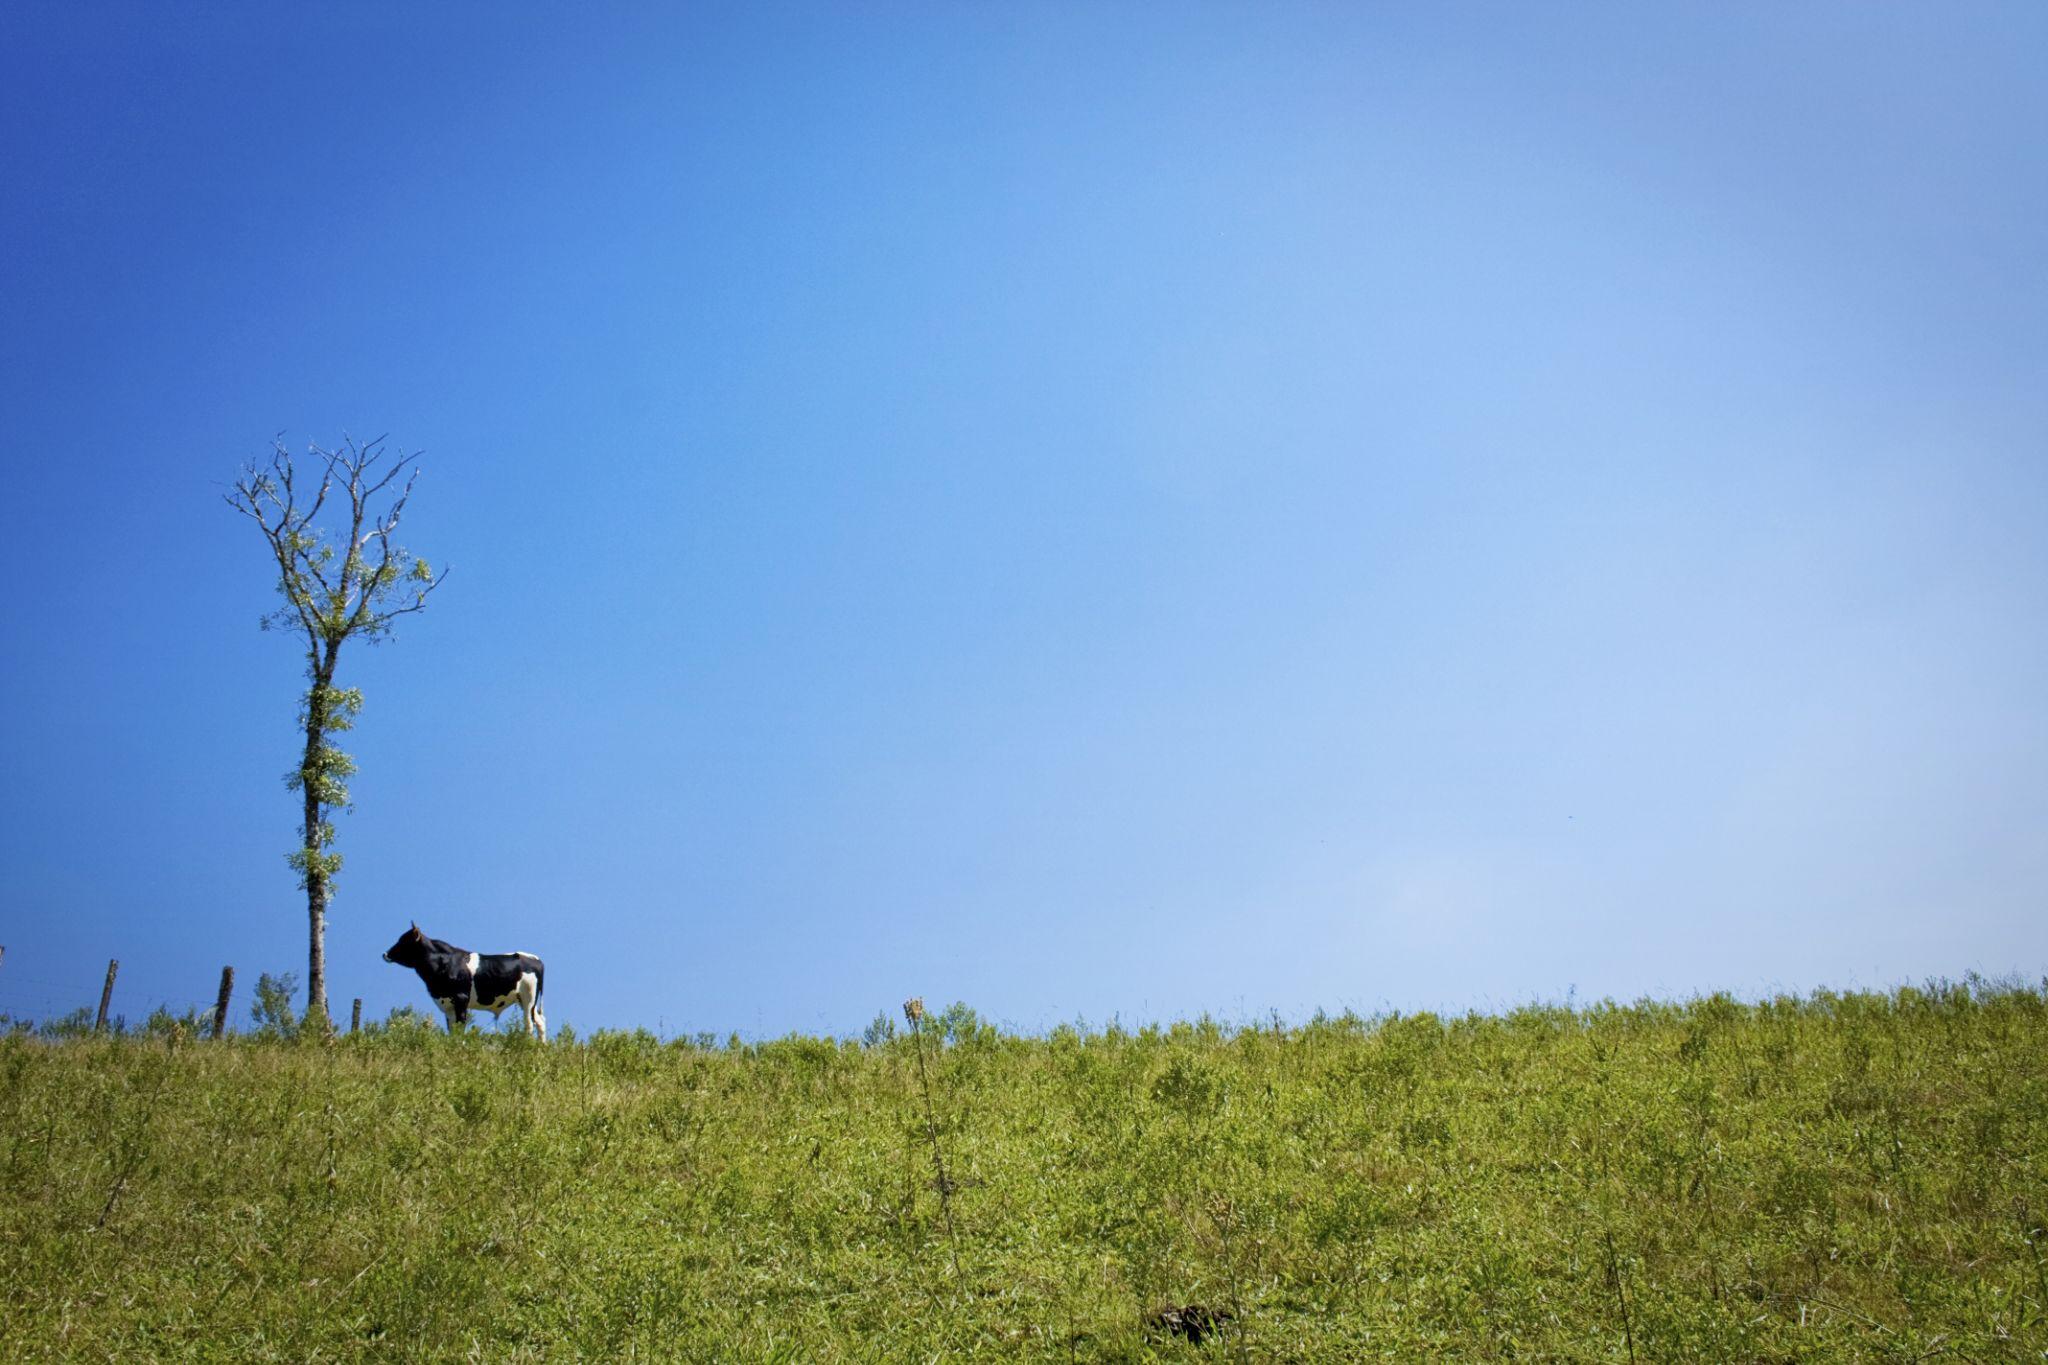 Alone by Bruno Carvalho